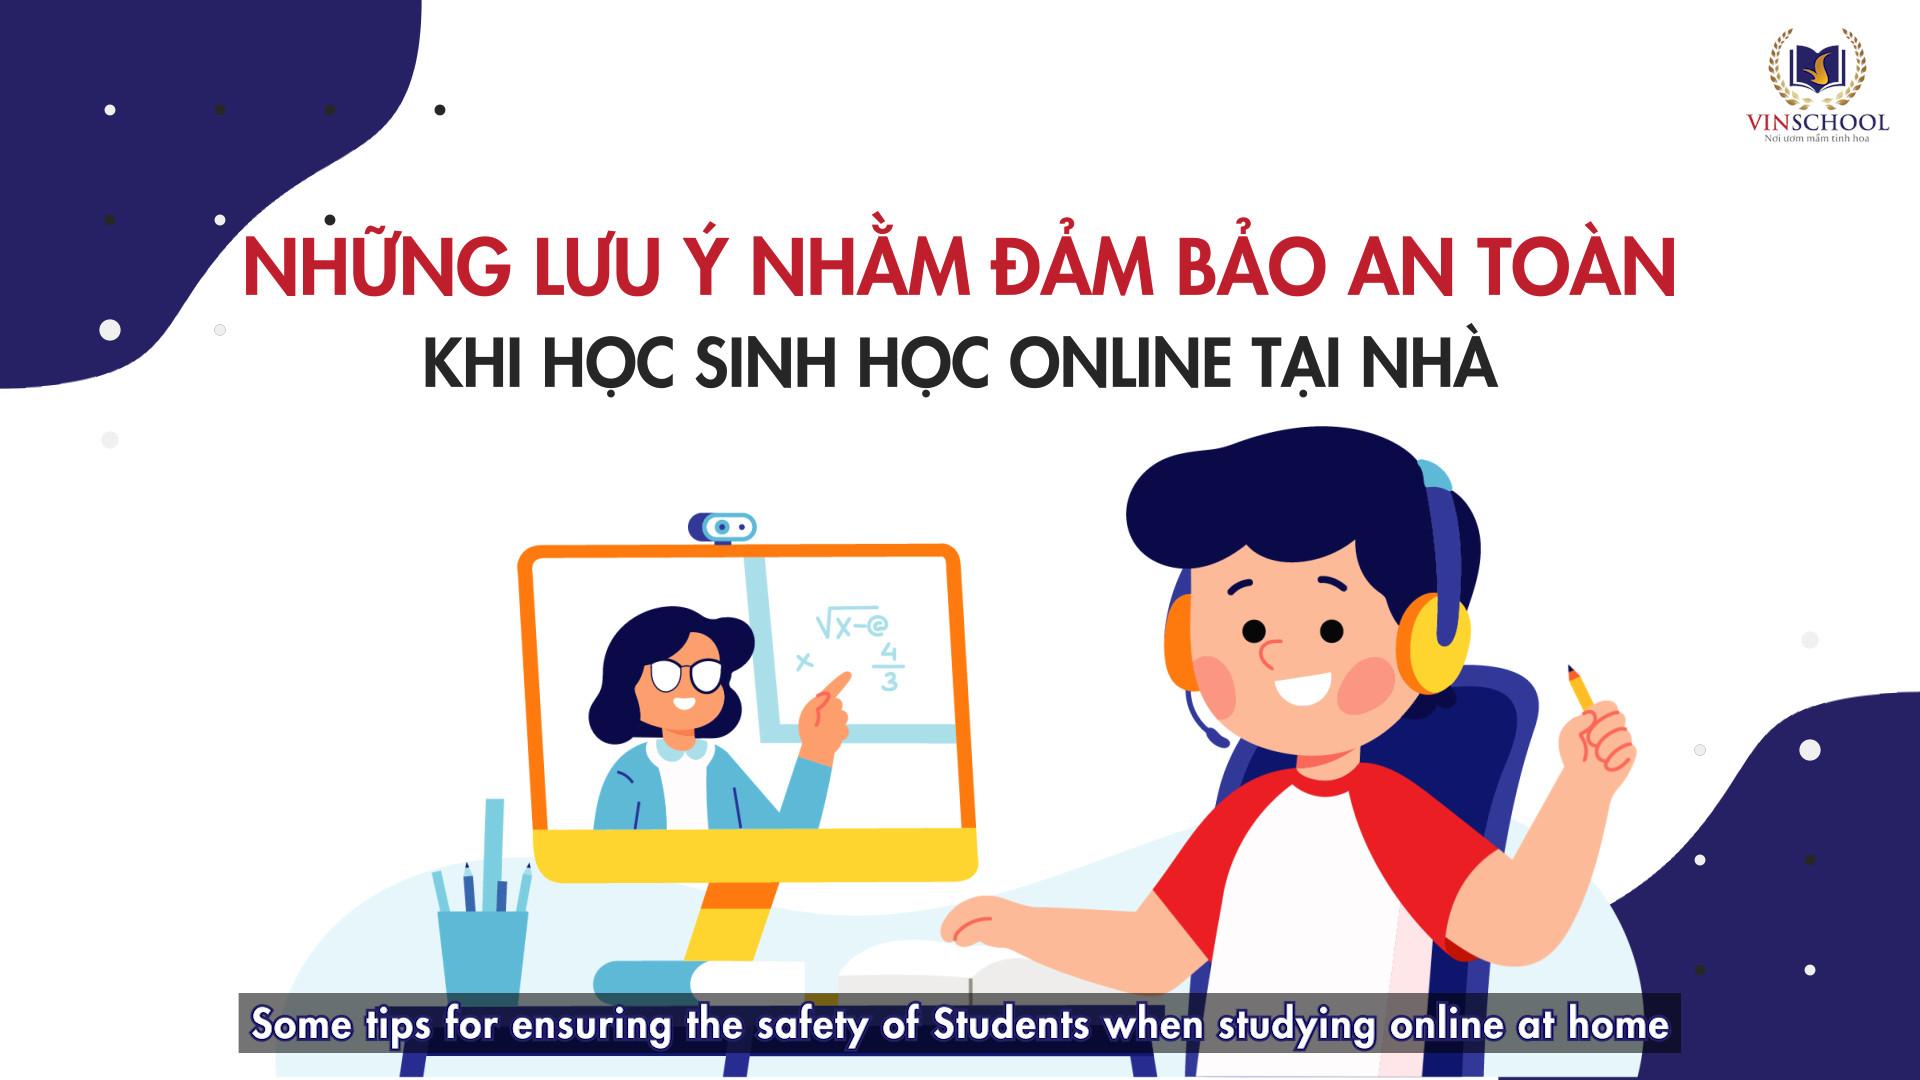 An toàn Thể chất khi học online tại nhà